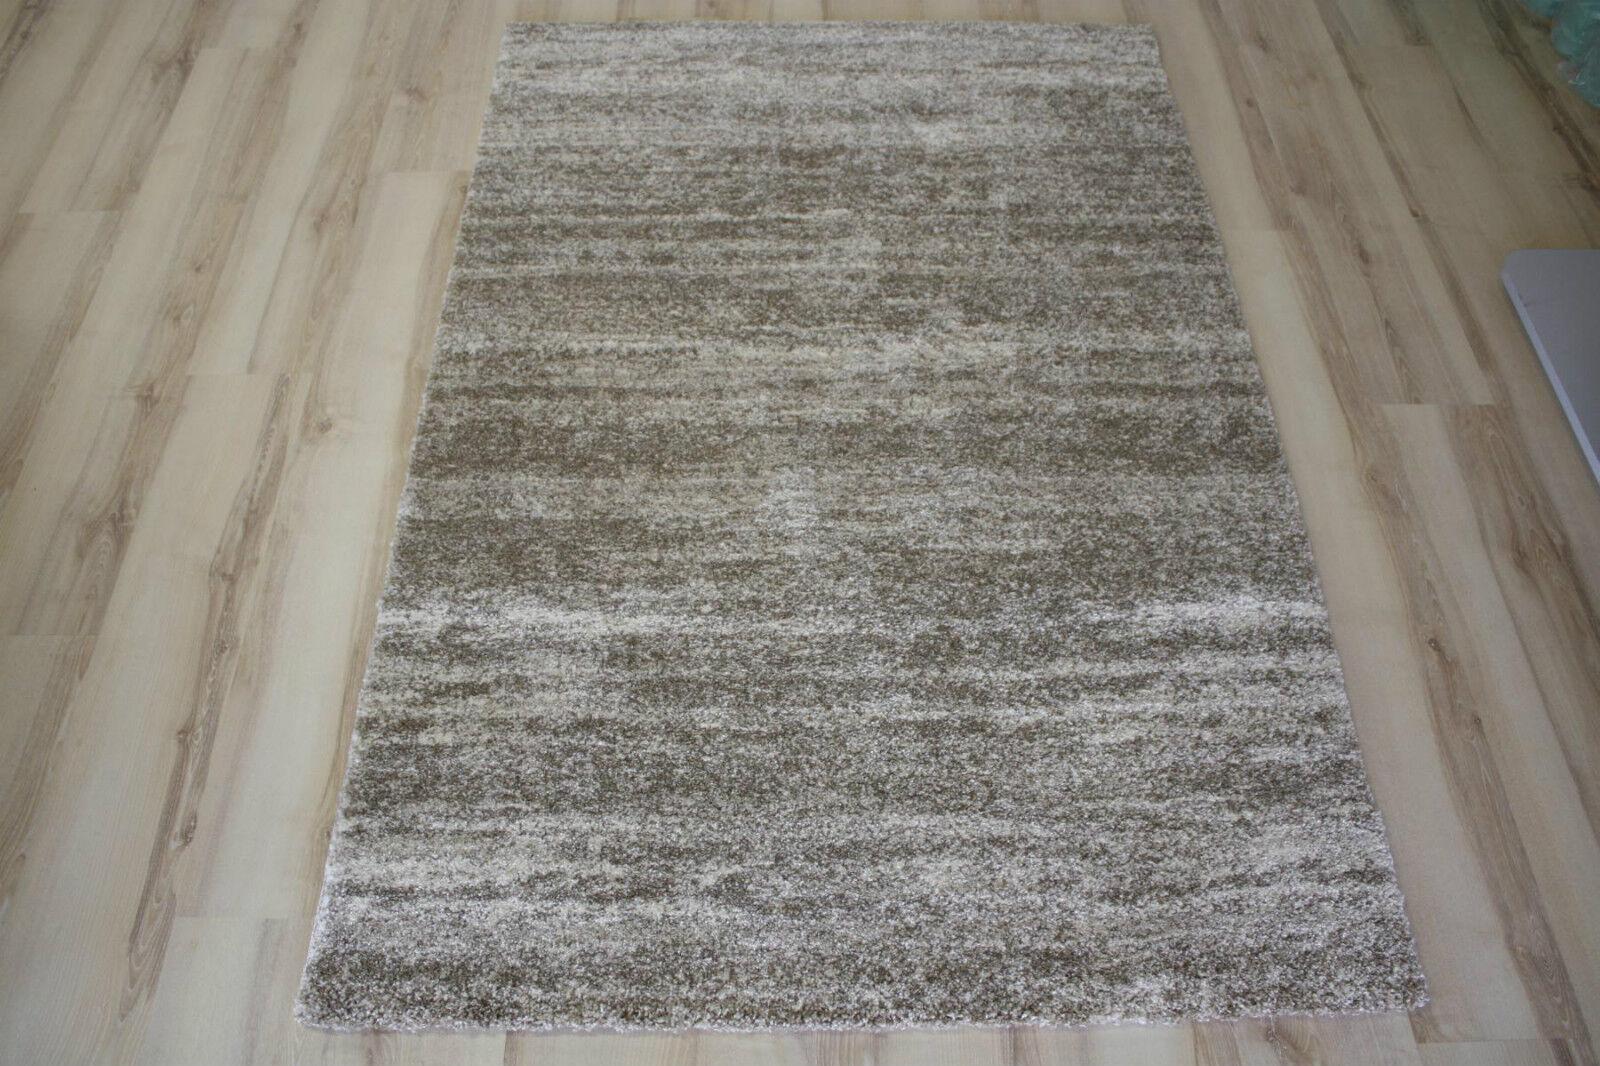 ASTRA samoa tapis 6870 150 063 marron clair 240x300cm NEUF